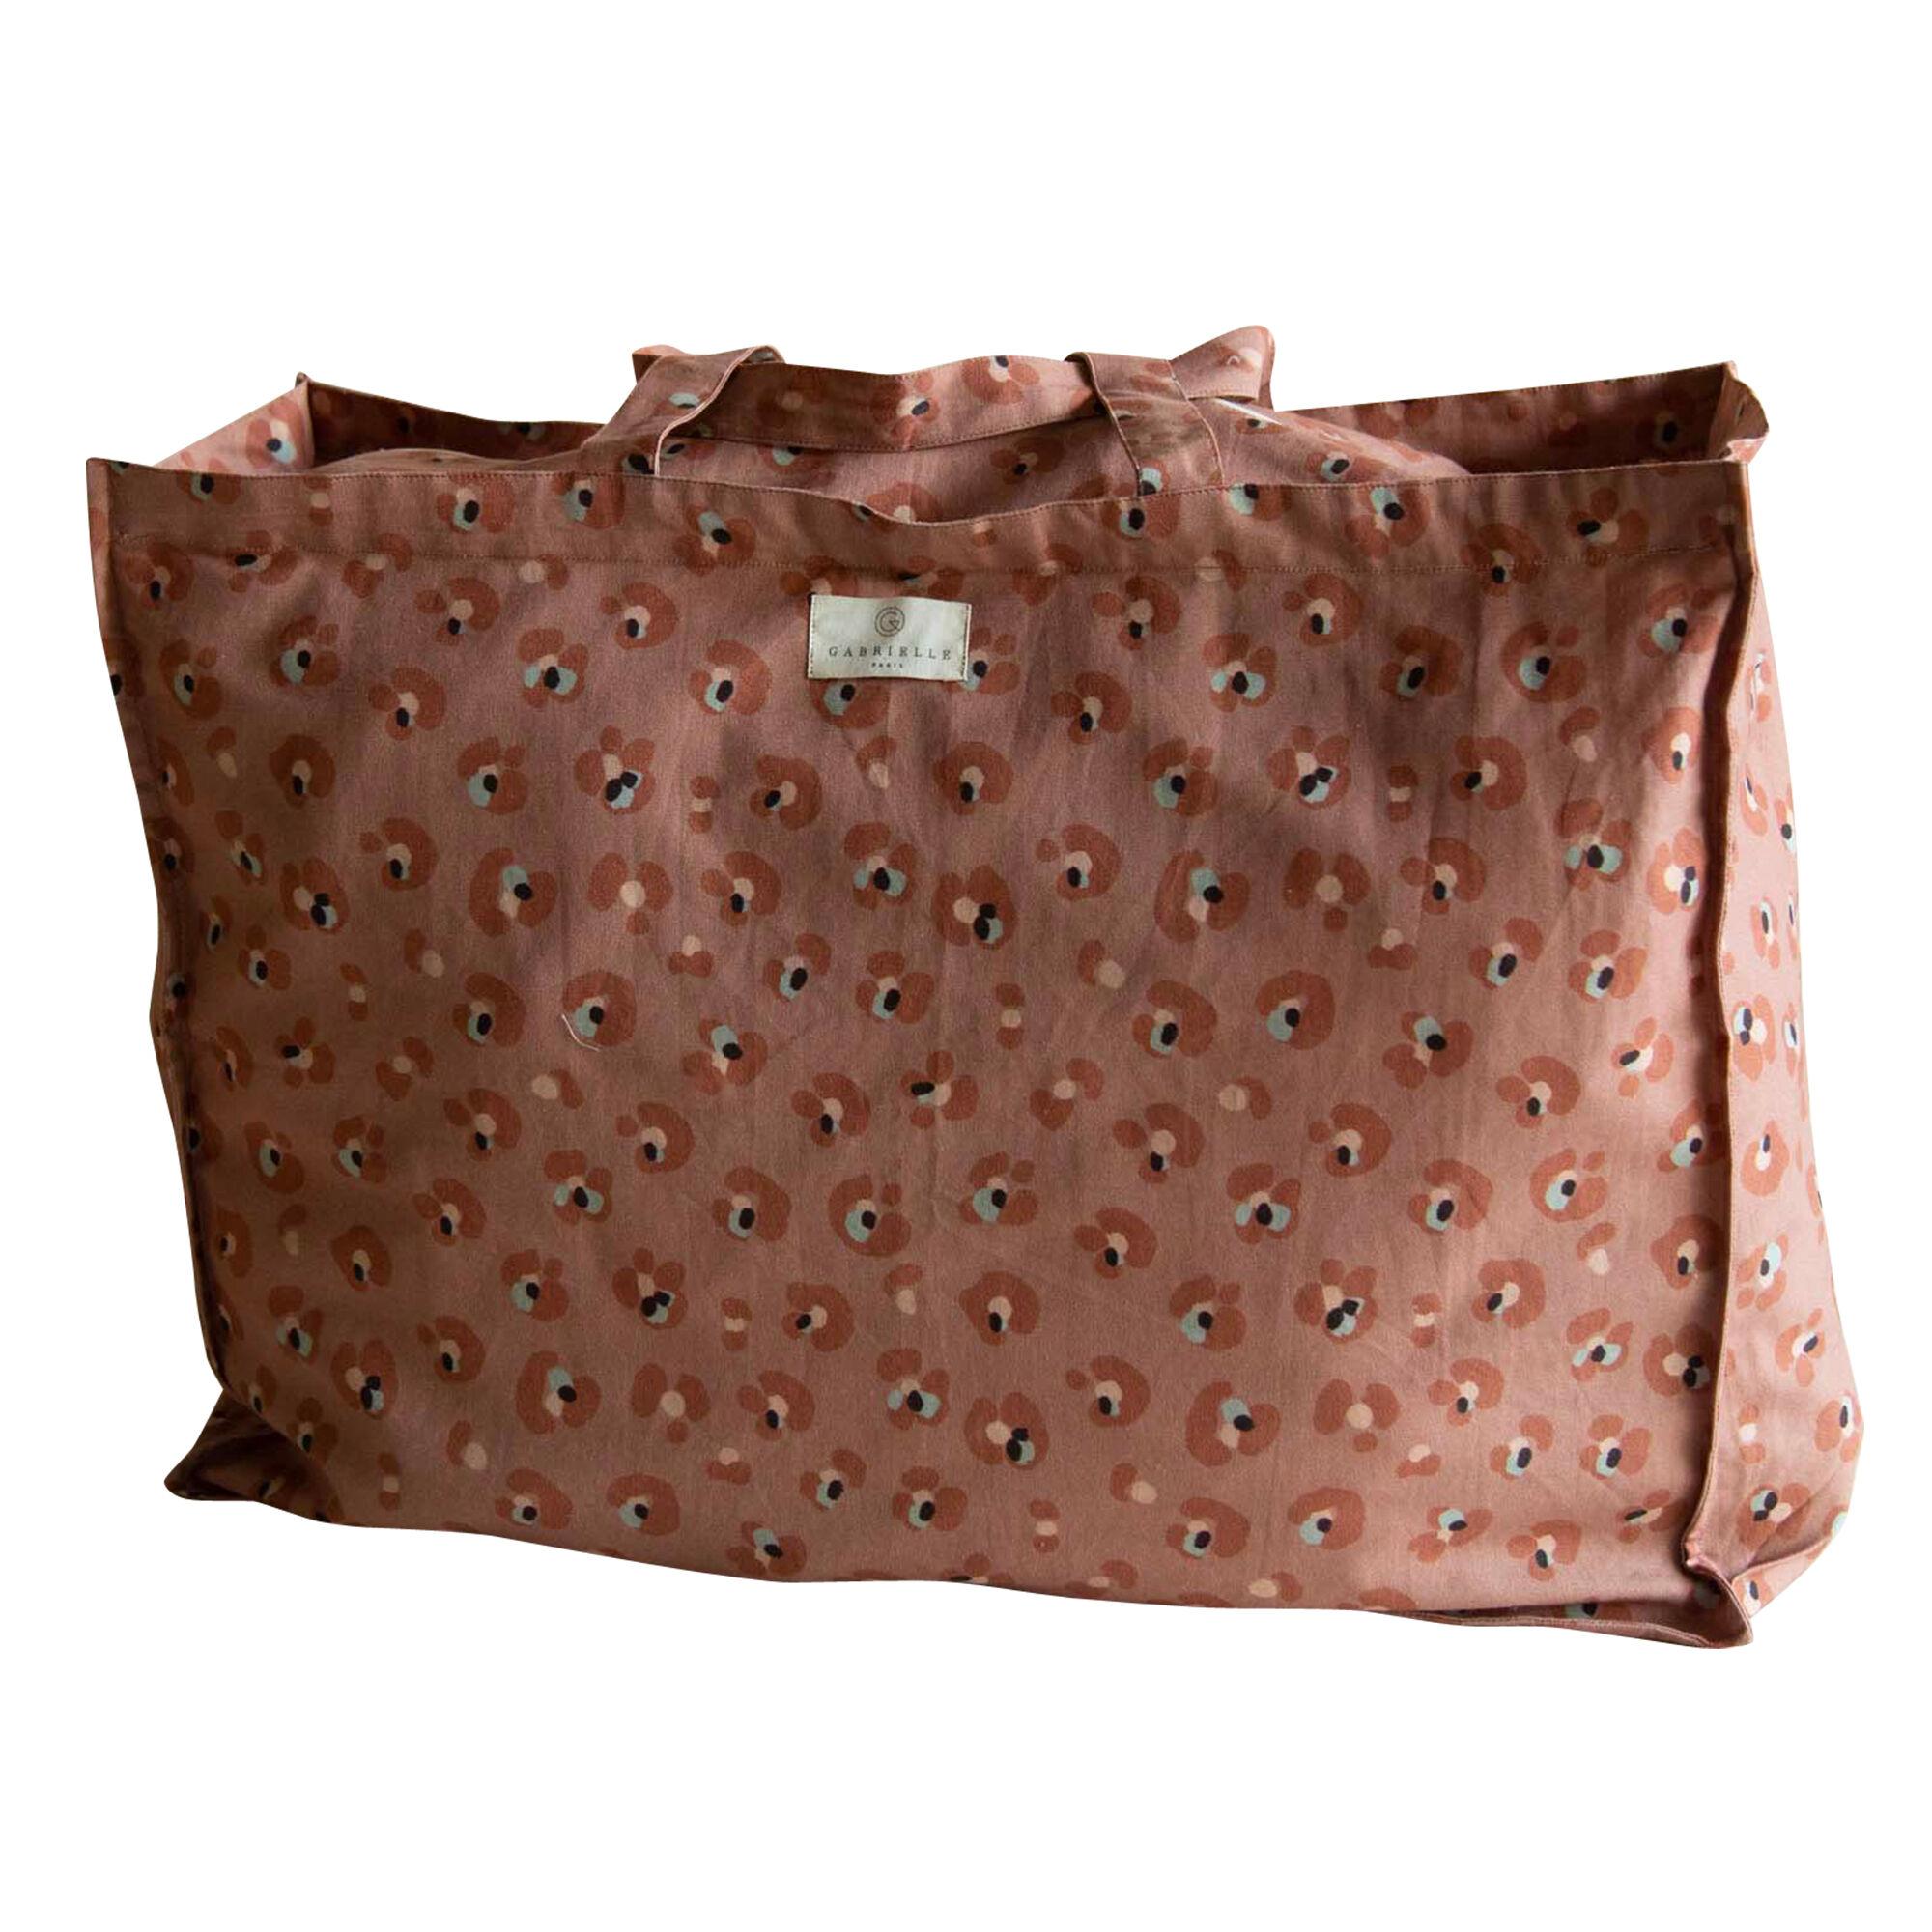 Gabrielle Paris Sac cabas en coton imprimé léopard terracotta